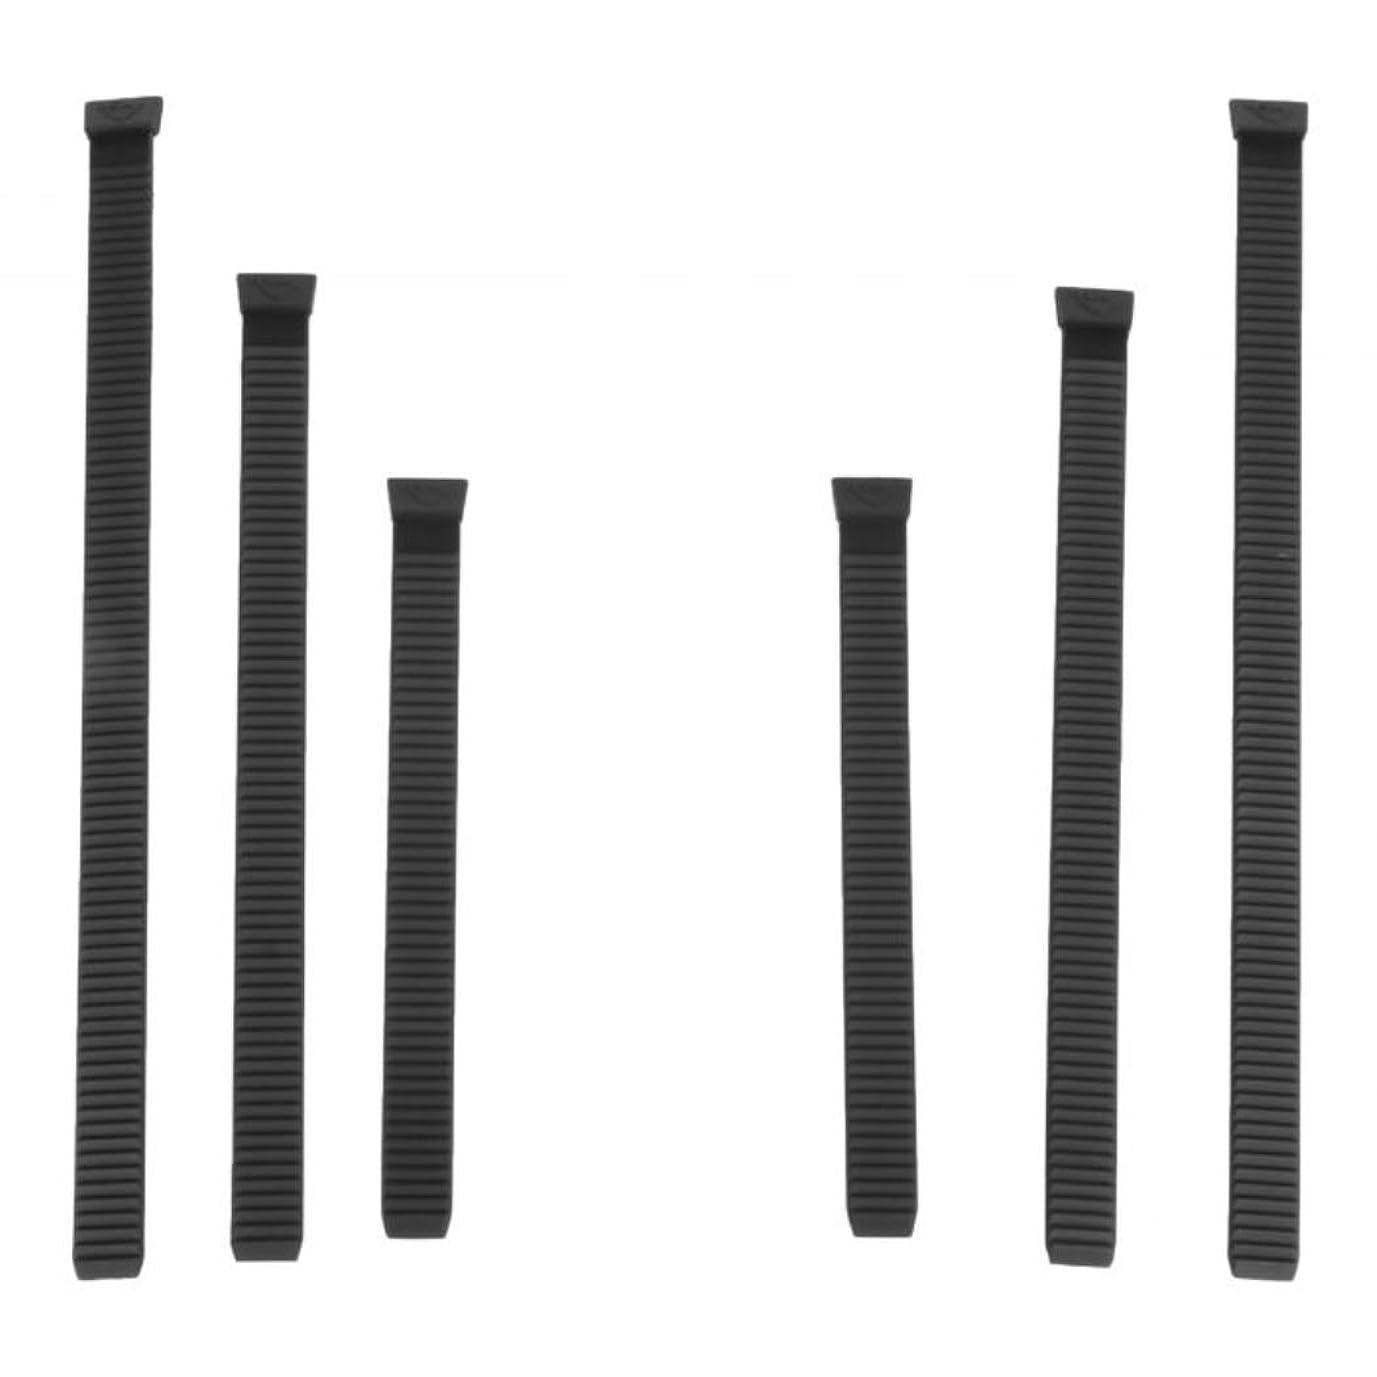 ホールドオール大腿侵入MSR ハイパーリンクストラップ Hyperlink Binding Strap Kit 3サイズ6本セット [並行輸入品]